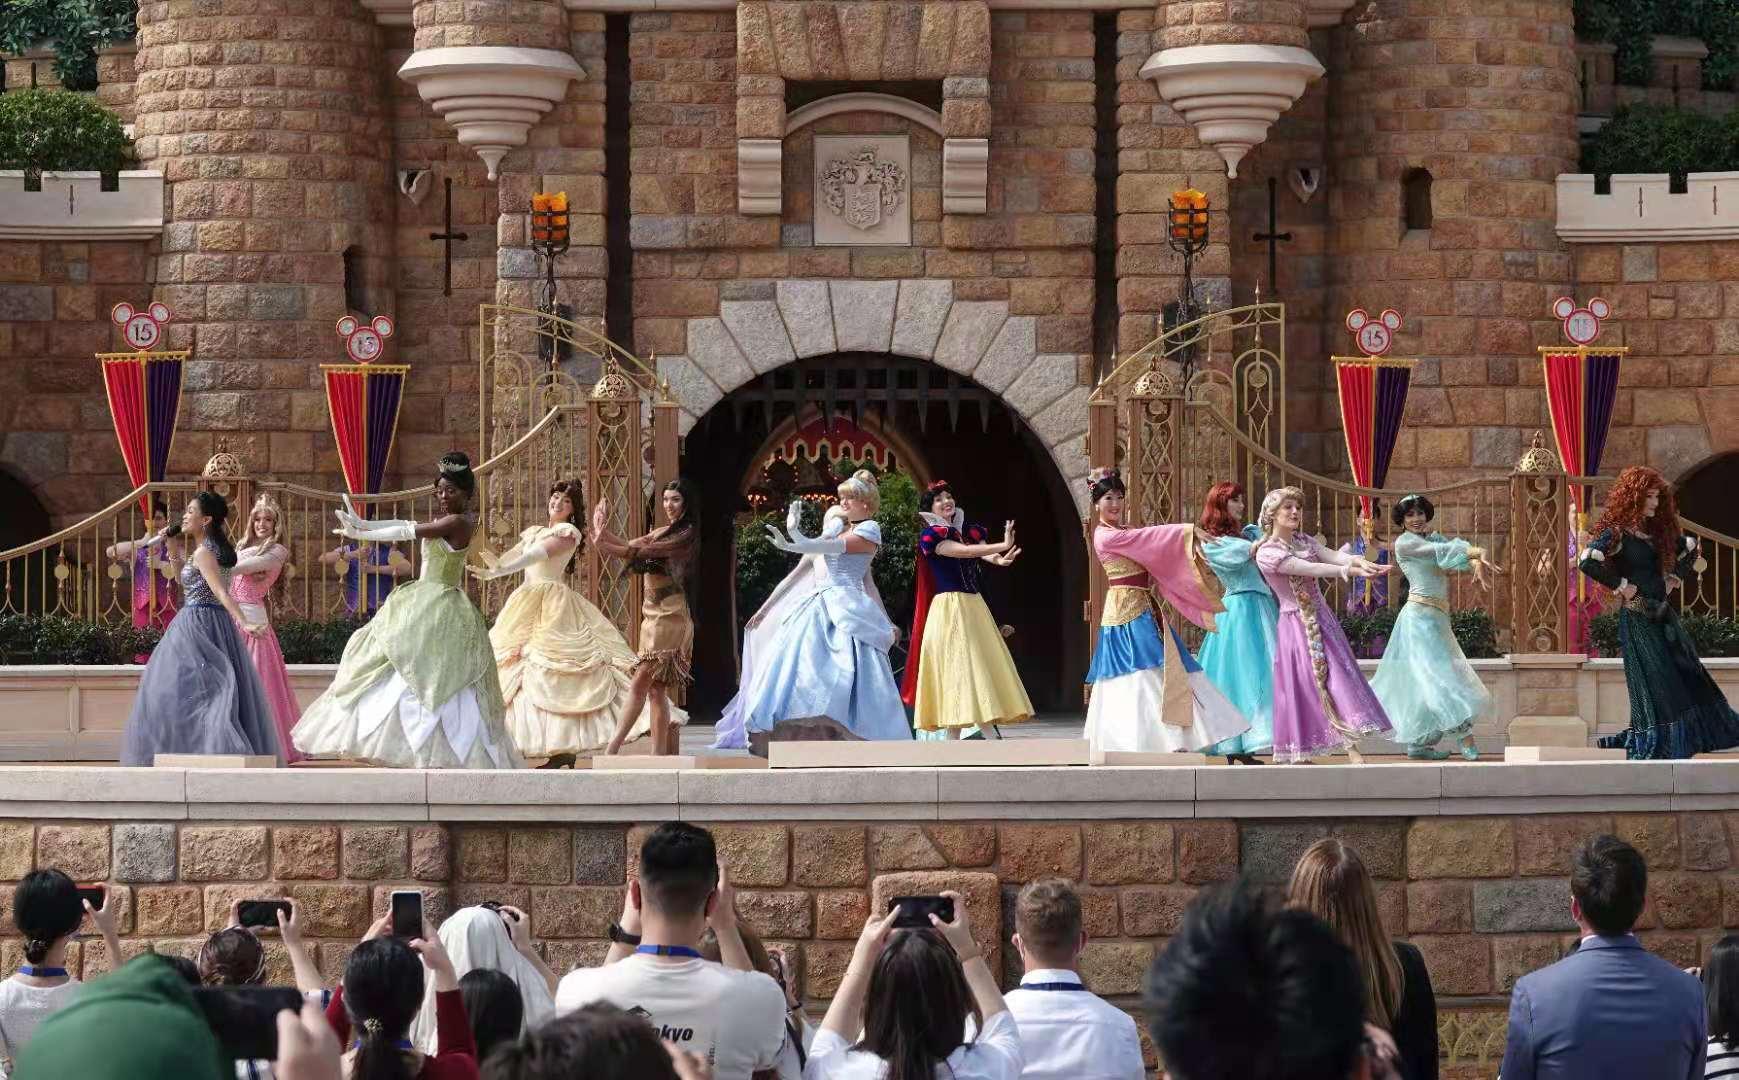 迪士尼演員們以經典卡通造型登台表演。(大公報記者凱楊攝)